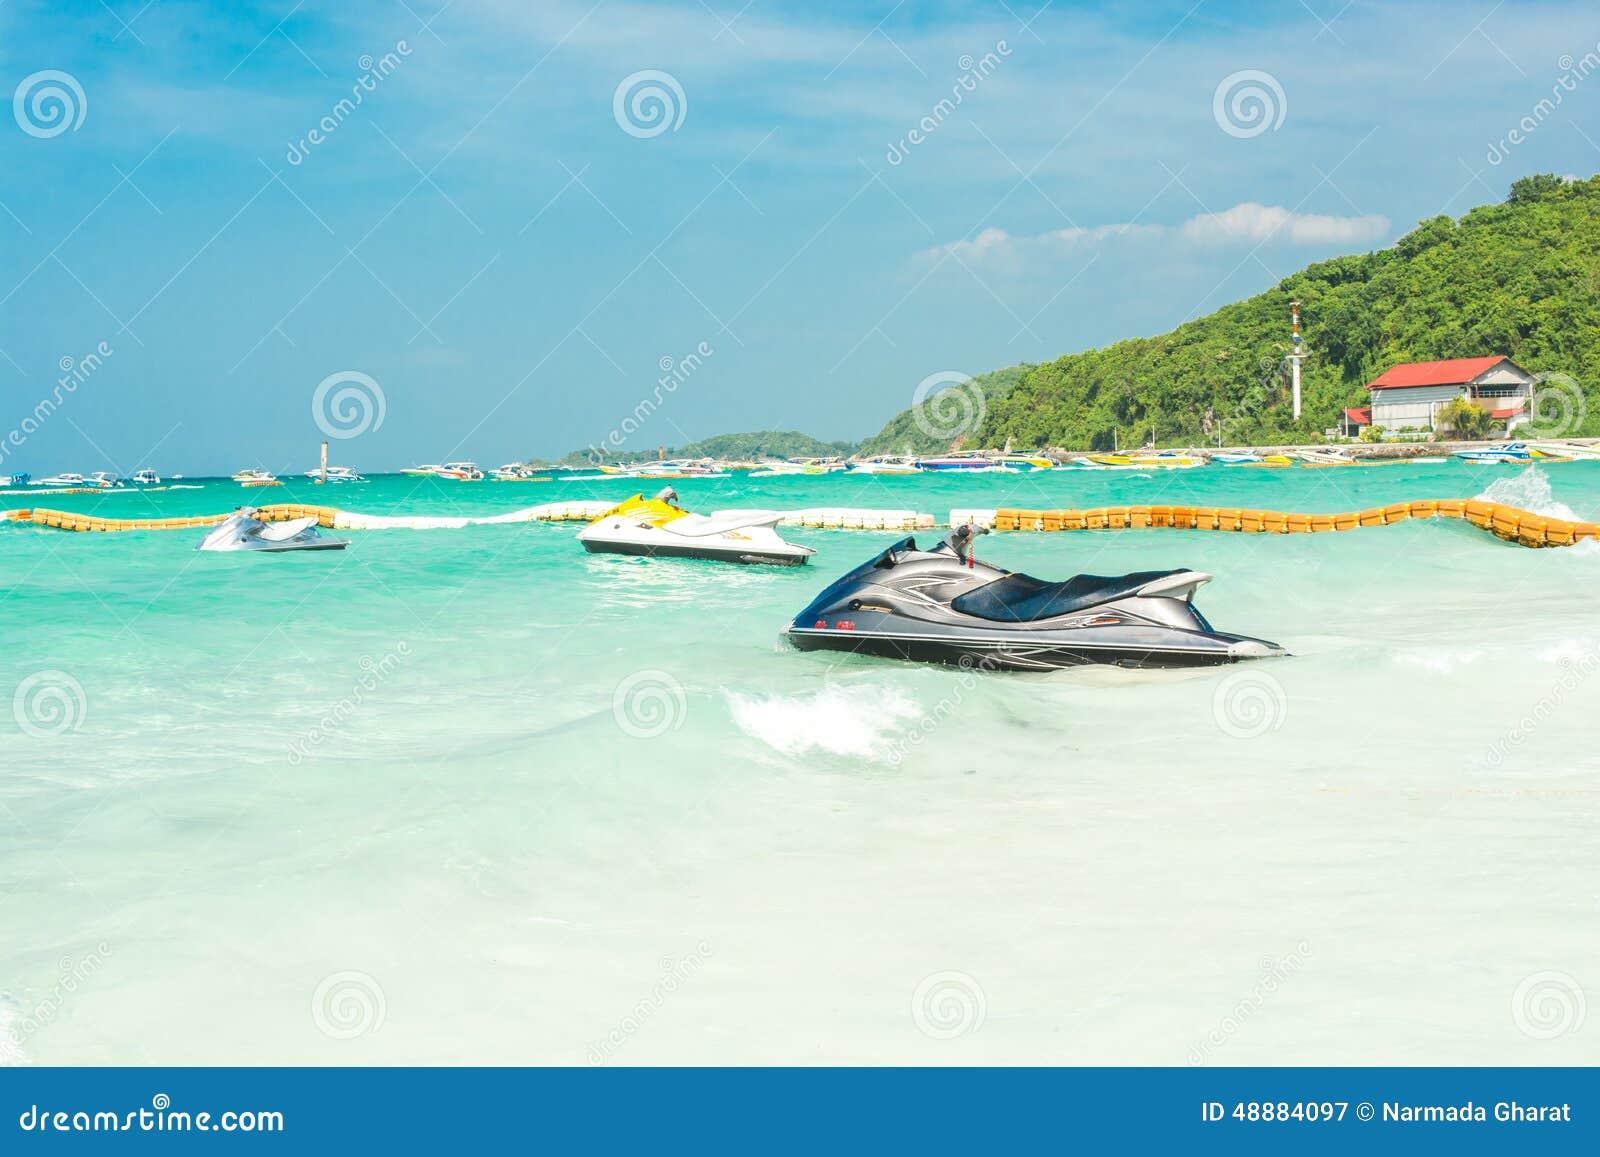 Jetski на пляже